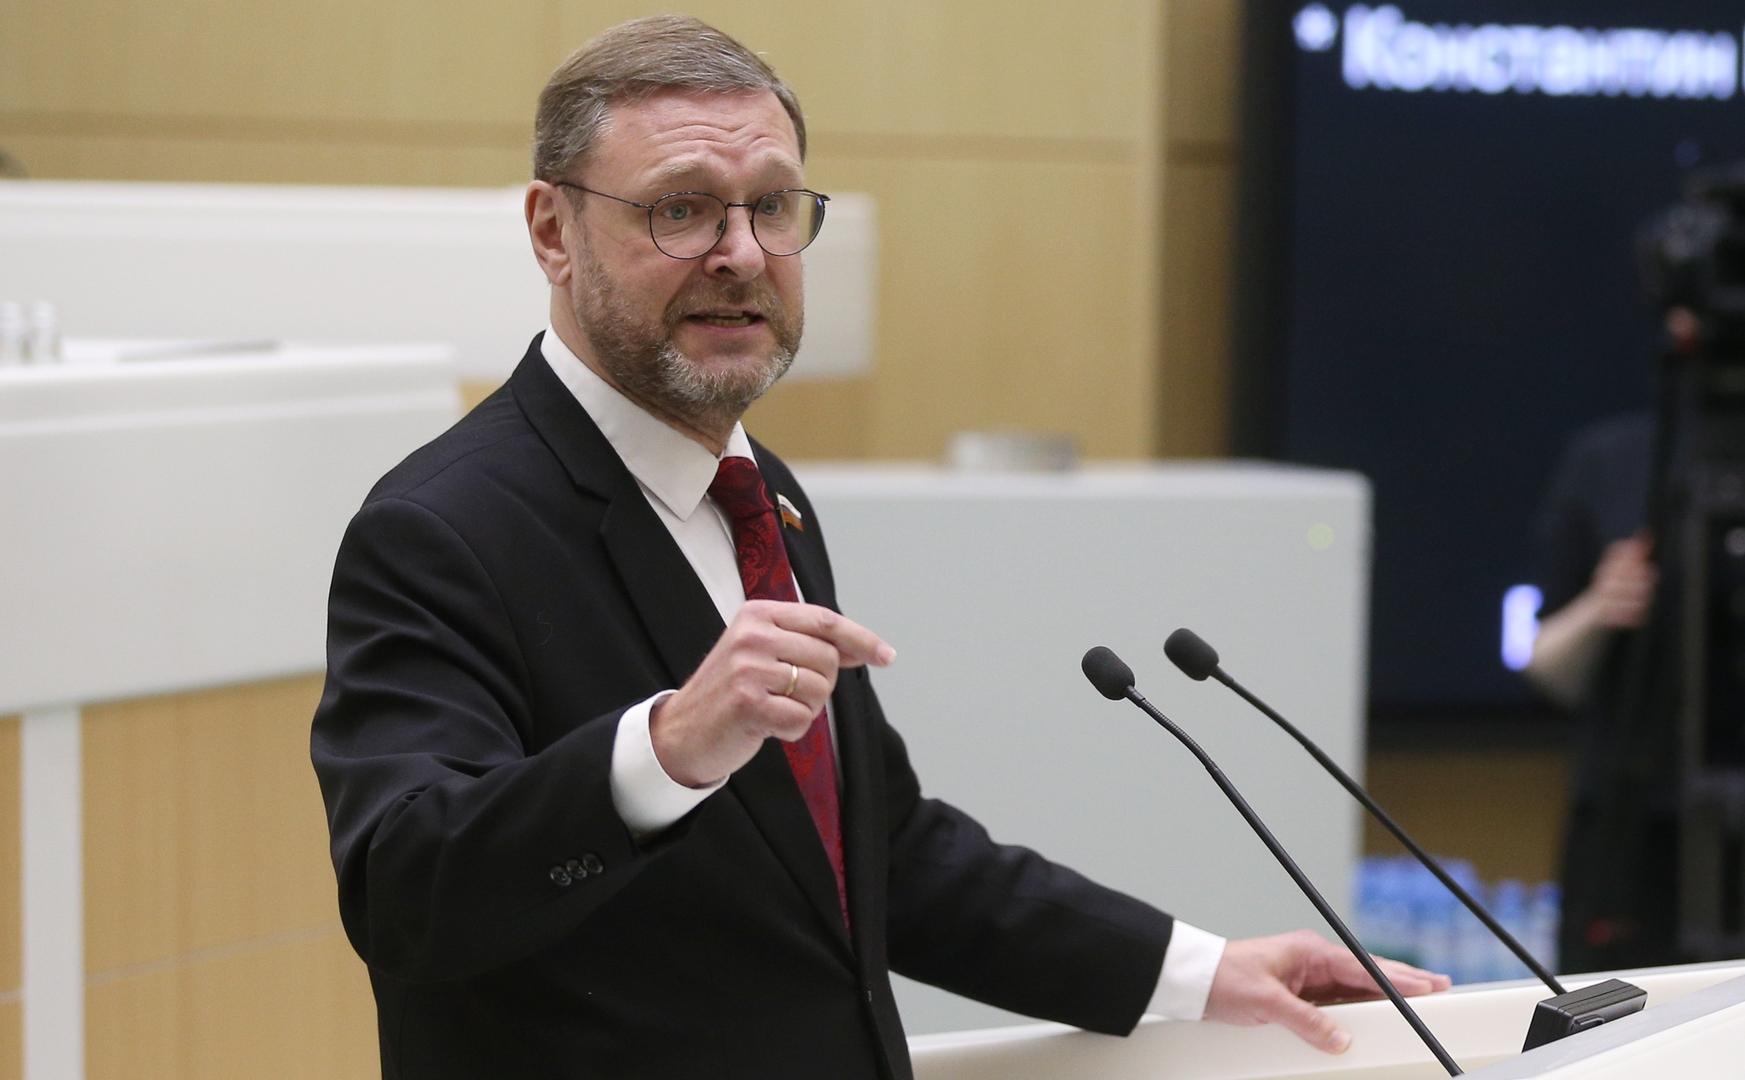 كوساتشوف يعلق على استدعاء موسكو لسفيرها لدى واشنطن للتشاور